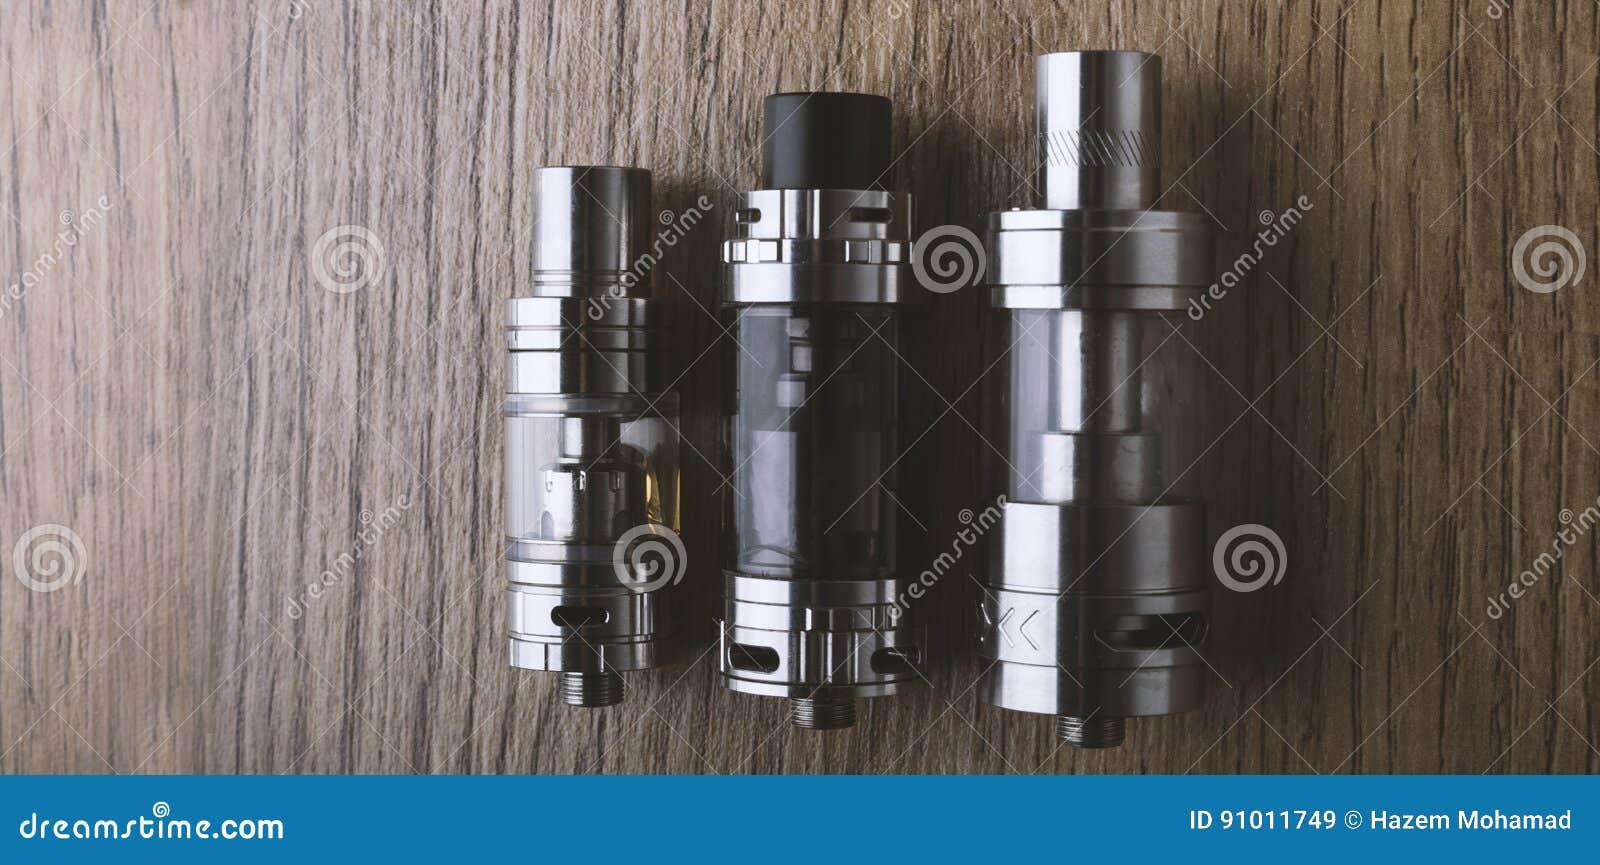 Ручка Vape и vaping приборы, mods, атомизаторы, сигареты e, сигарета e